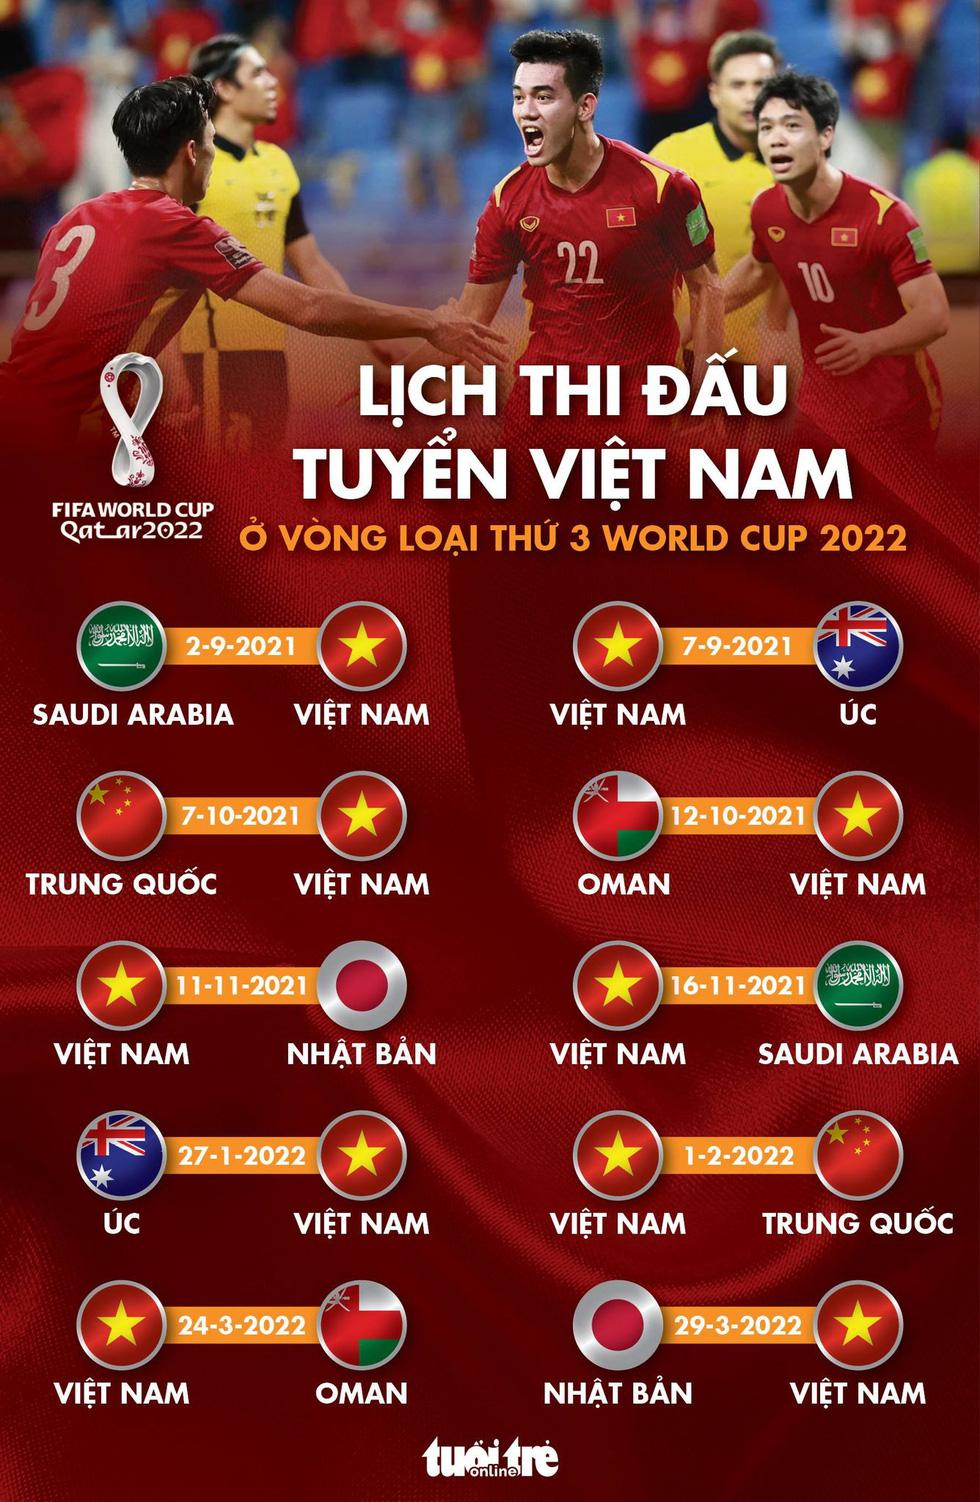 Lịch thi đấu của tuyển Việt Nam ở vòng loại cuối cùng World Cup 2022 - Ảnh 1.